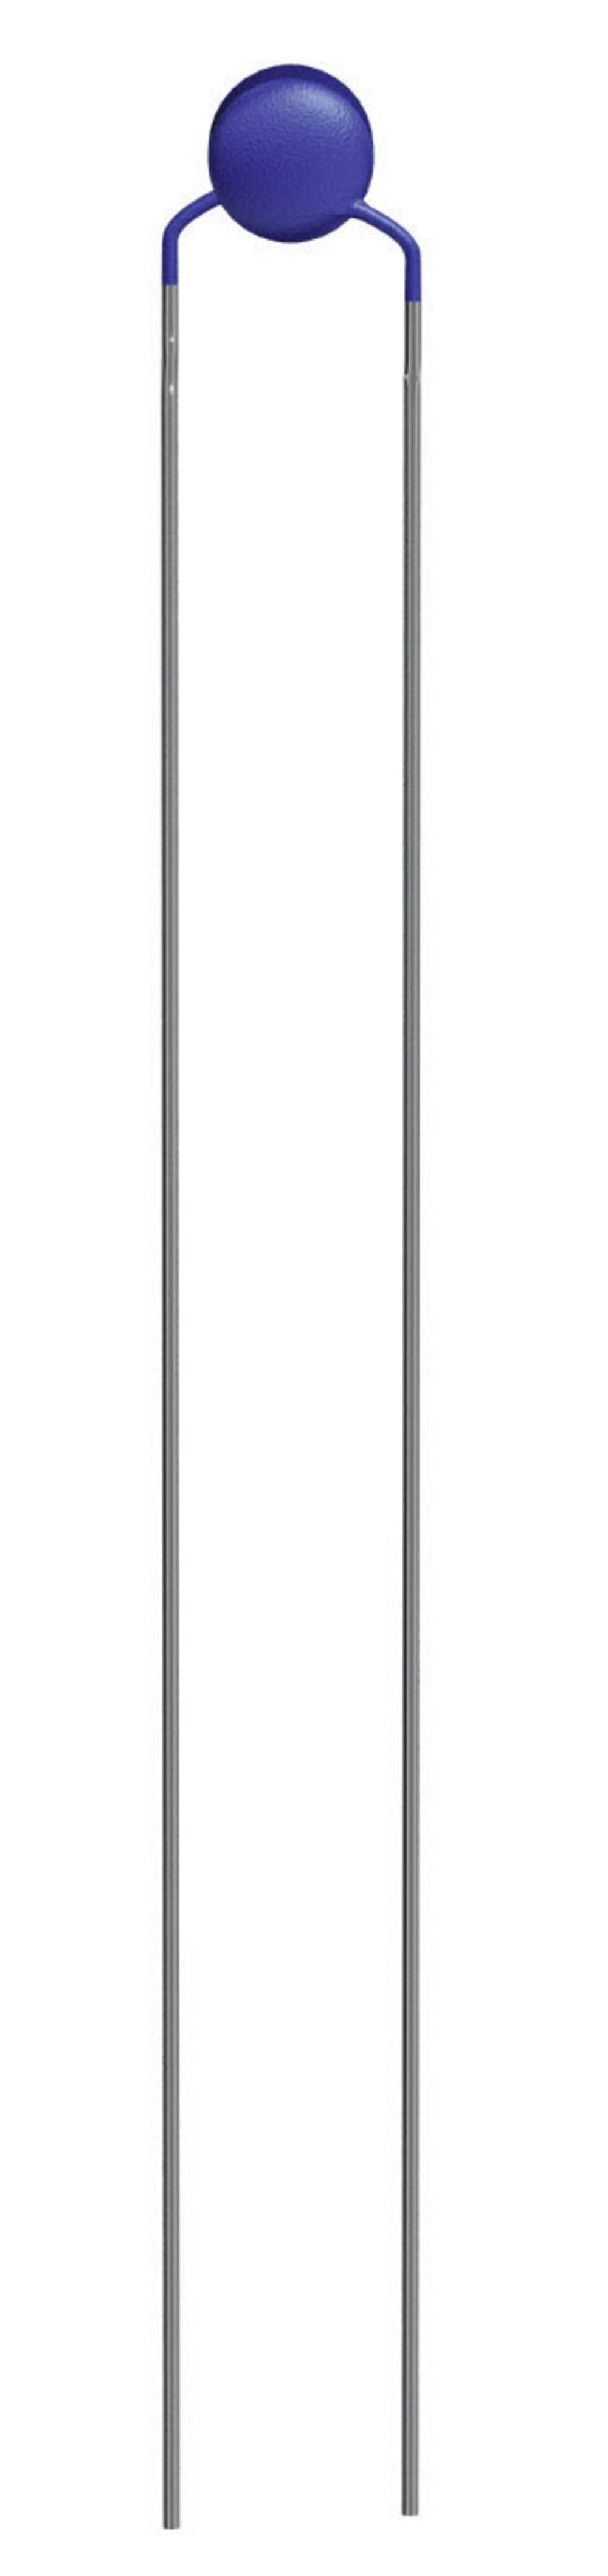 TERMISTOR B59100-M1100-A70 Epcos